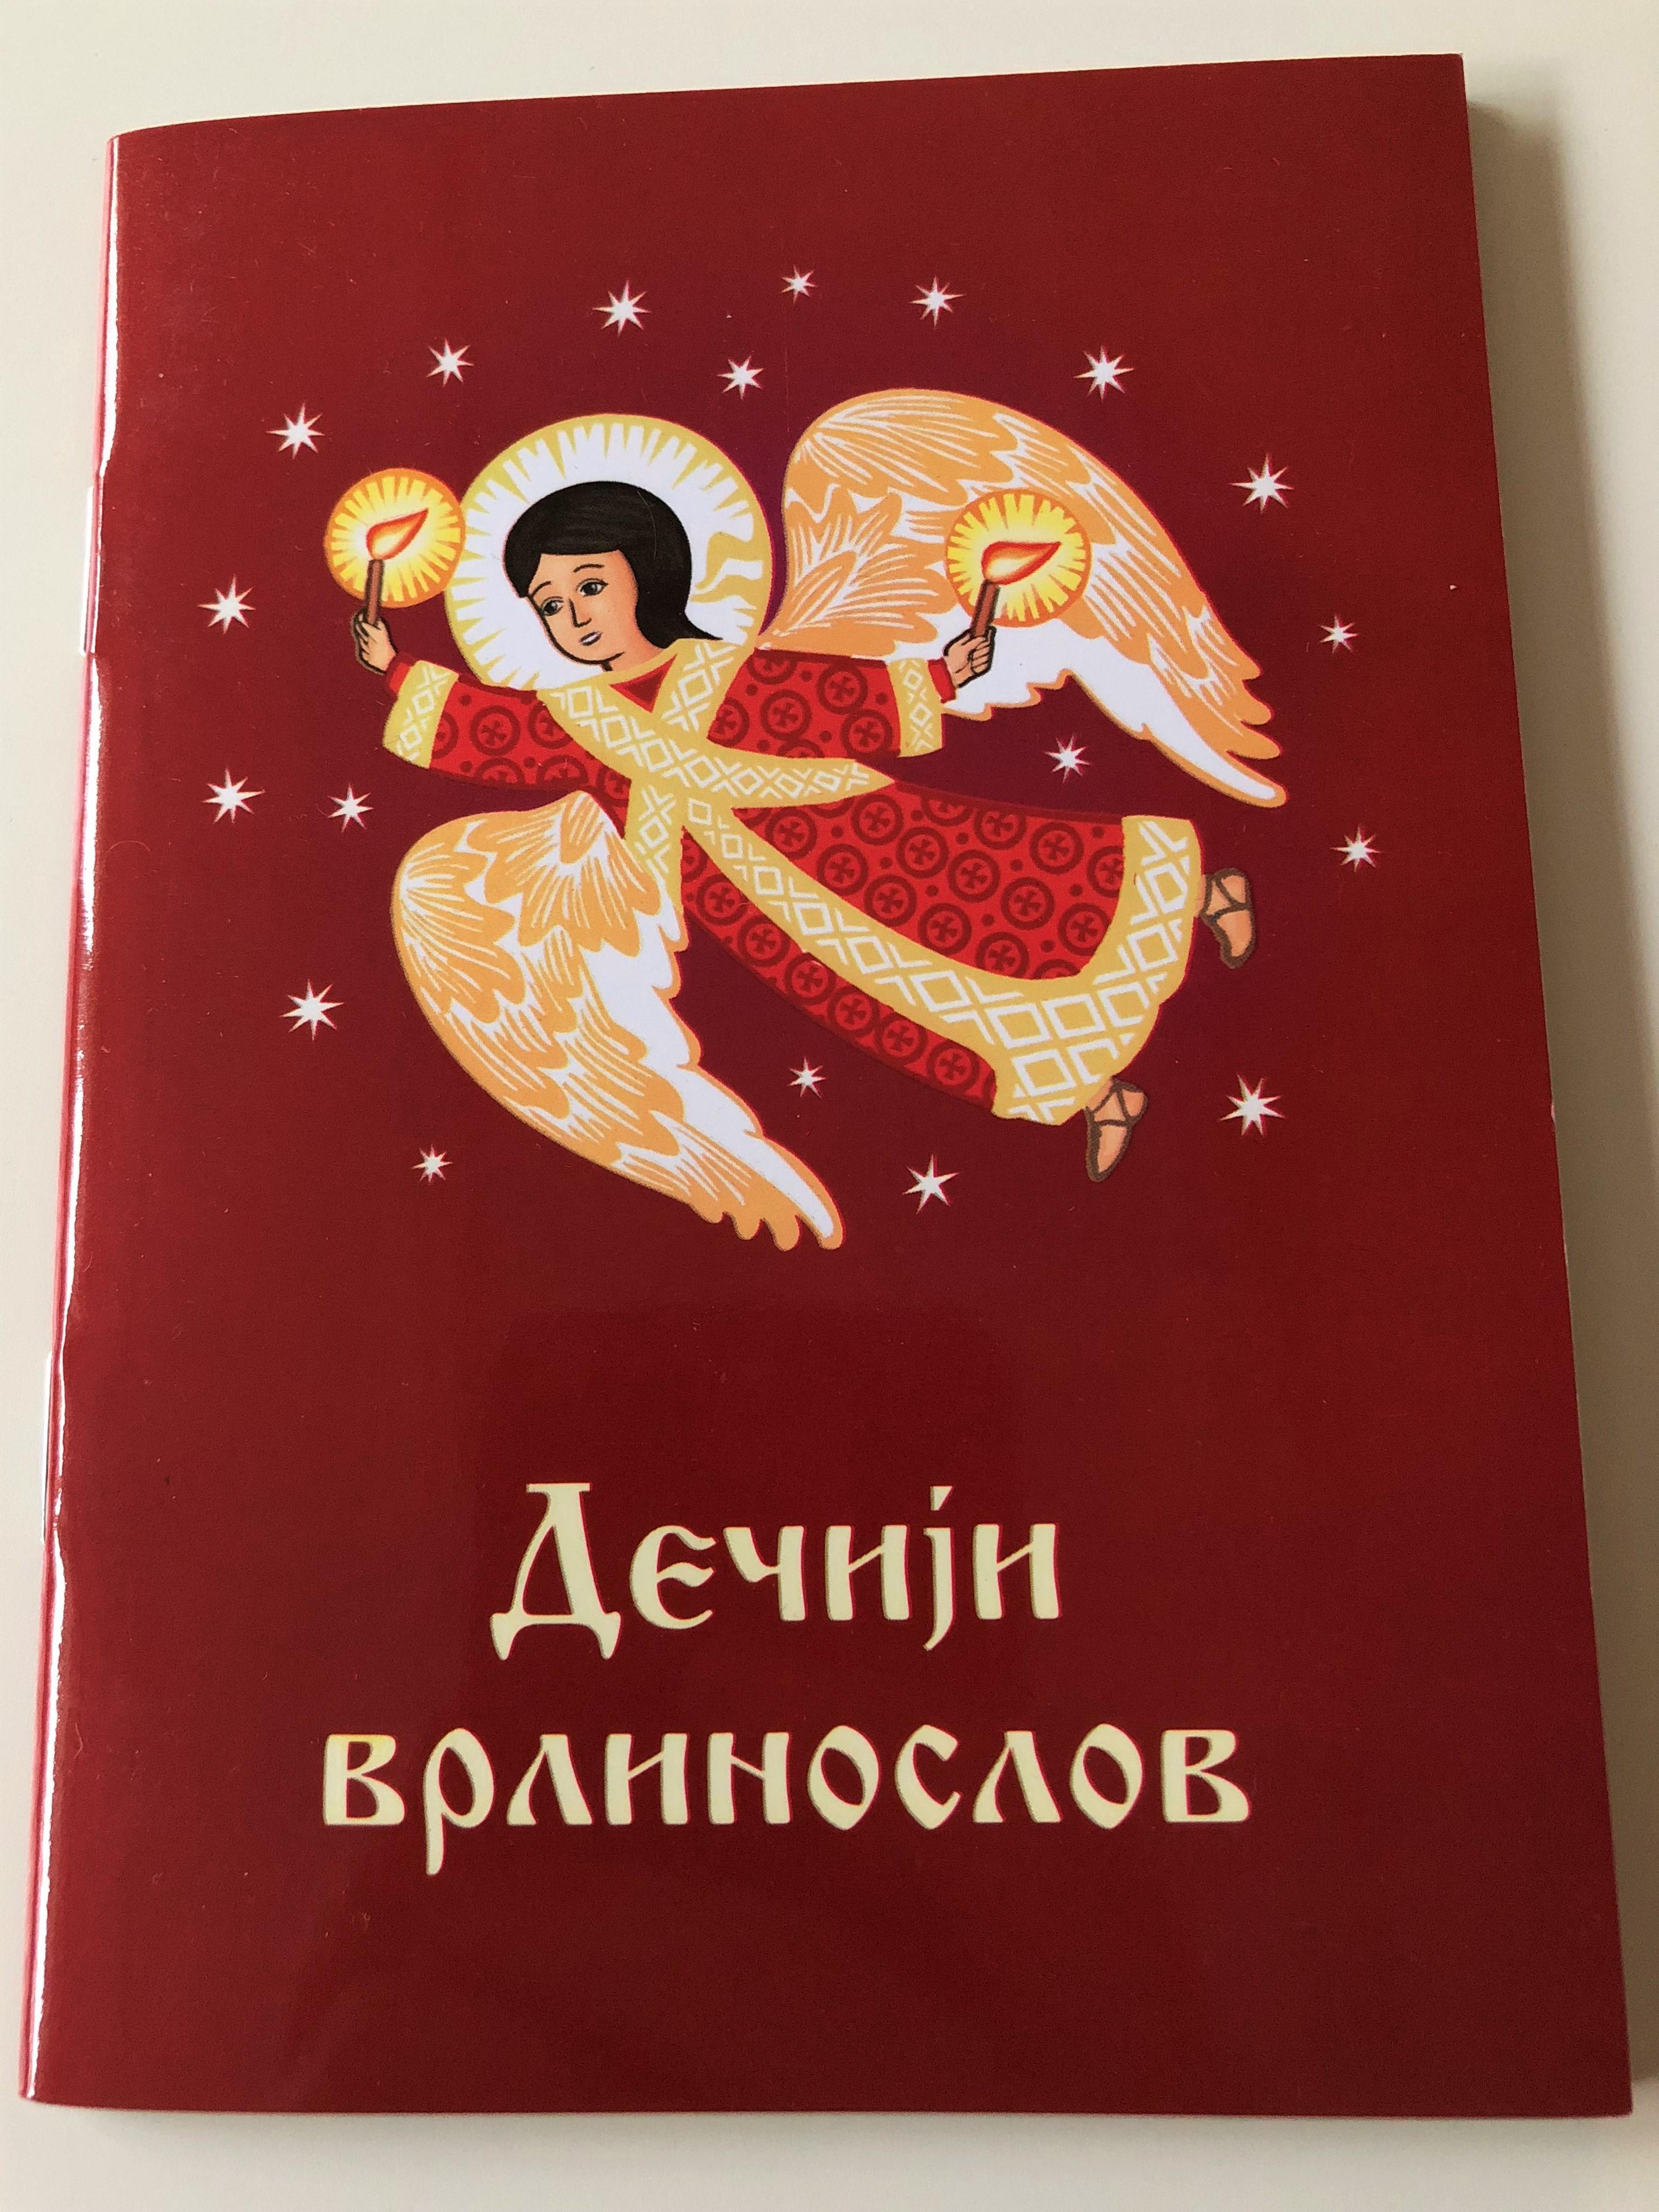 serbian-orthodox-storybook-virtues-of-saints-1-.jpg